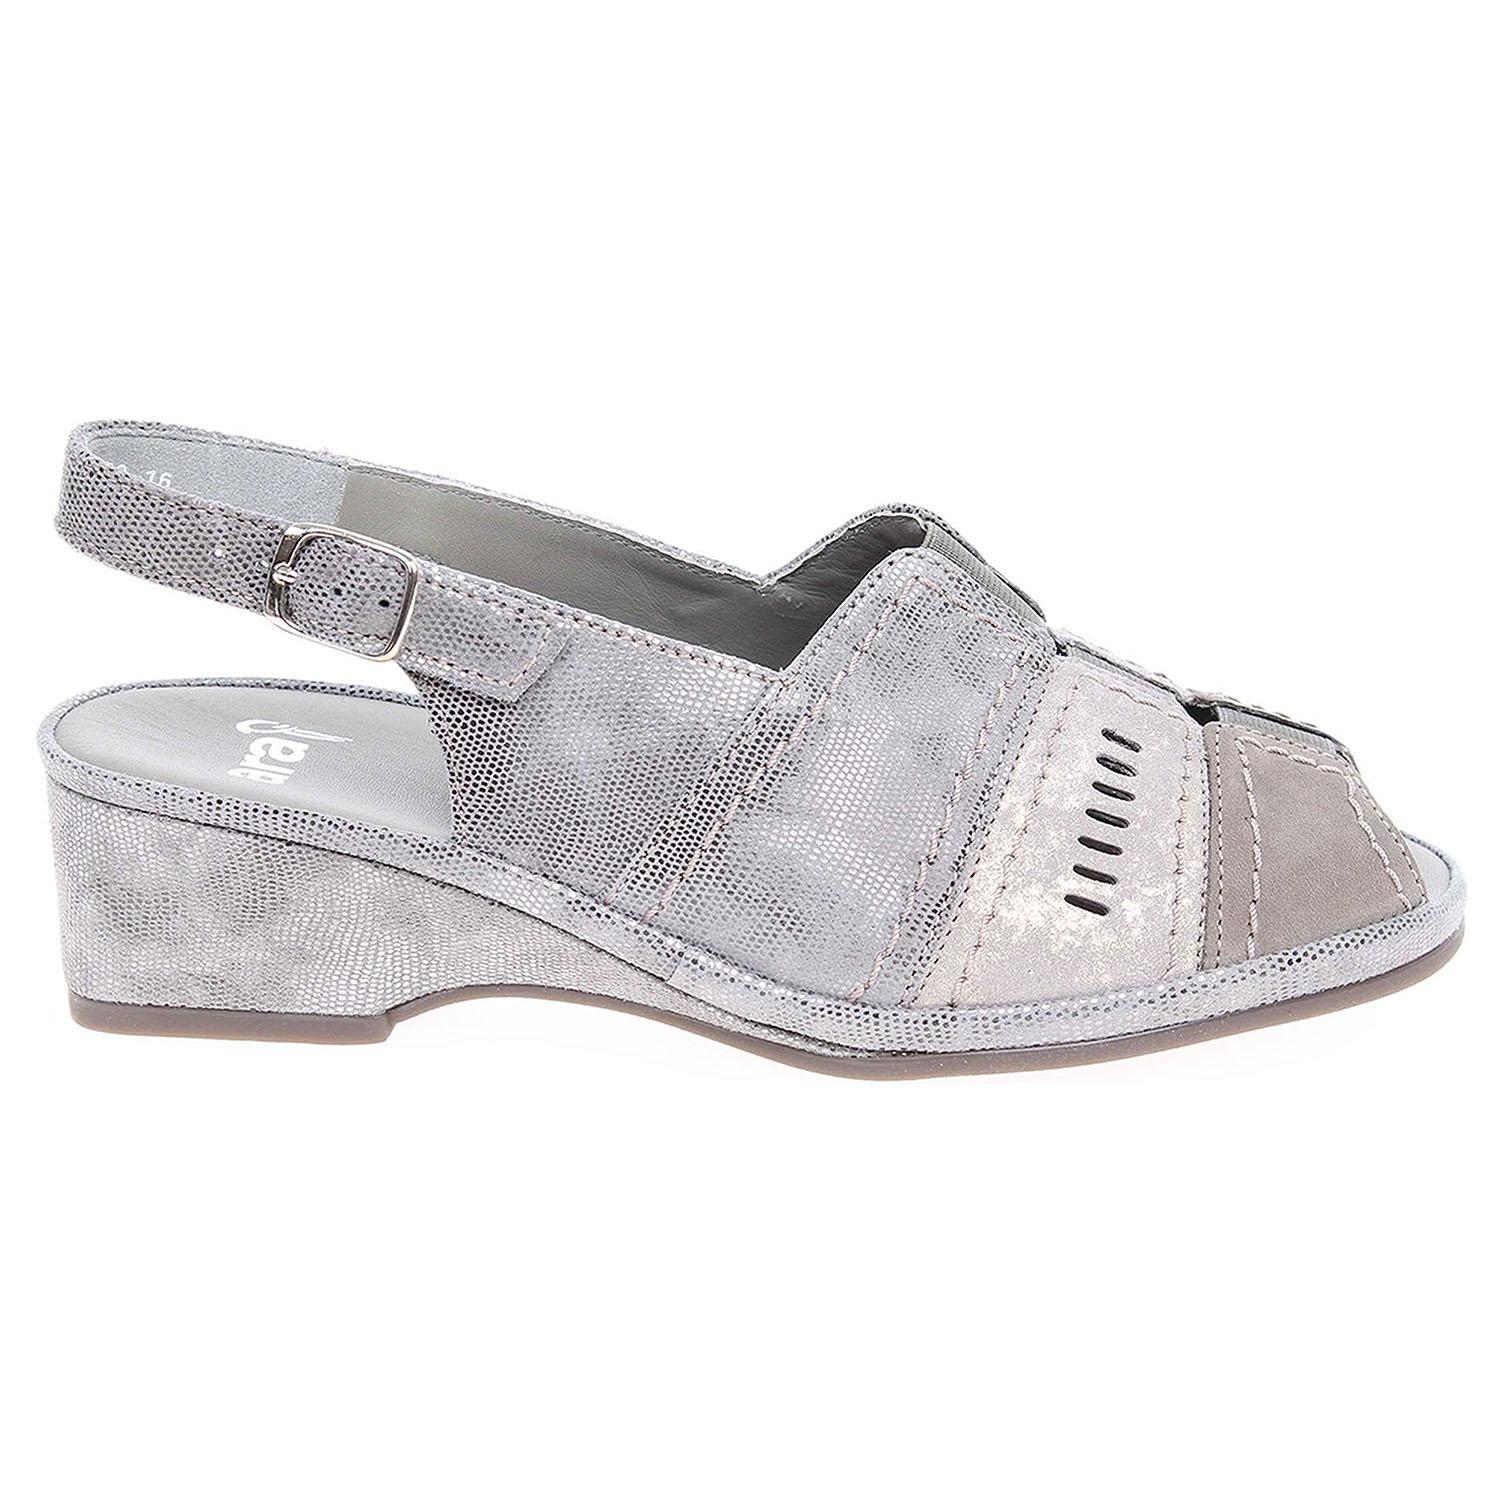 Ecco Ara dámské sandály 37039-16 šedé 23801140